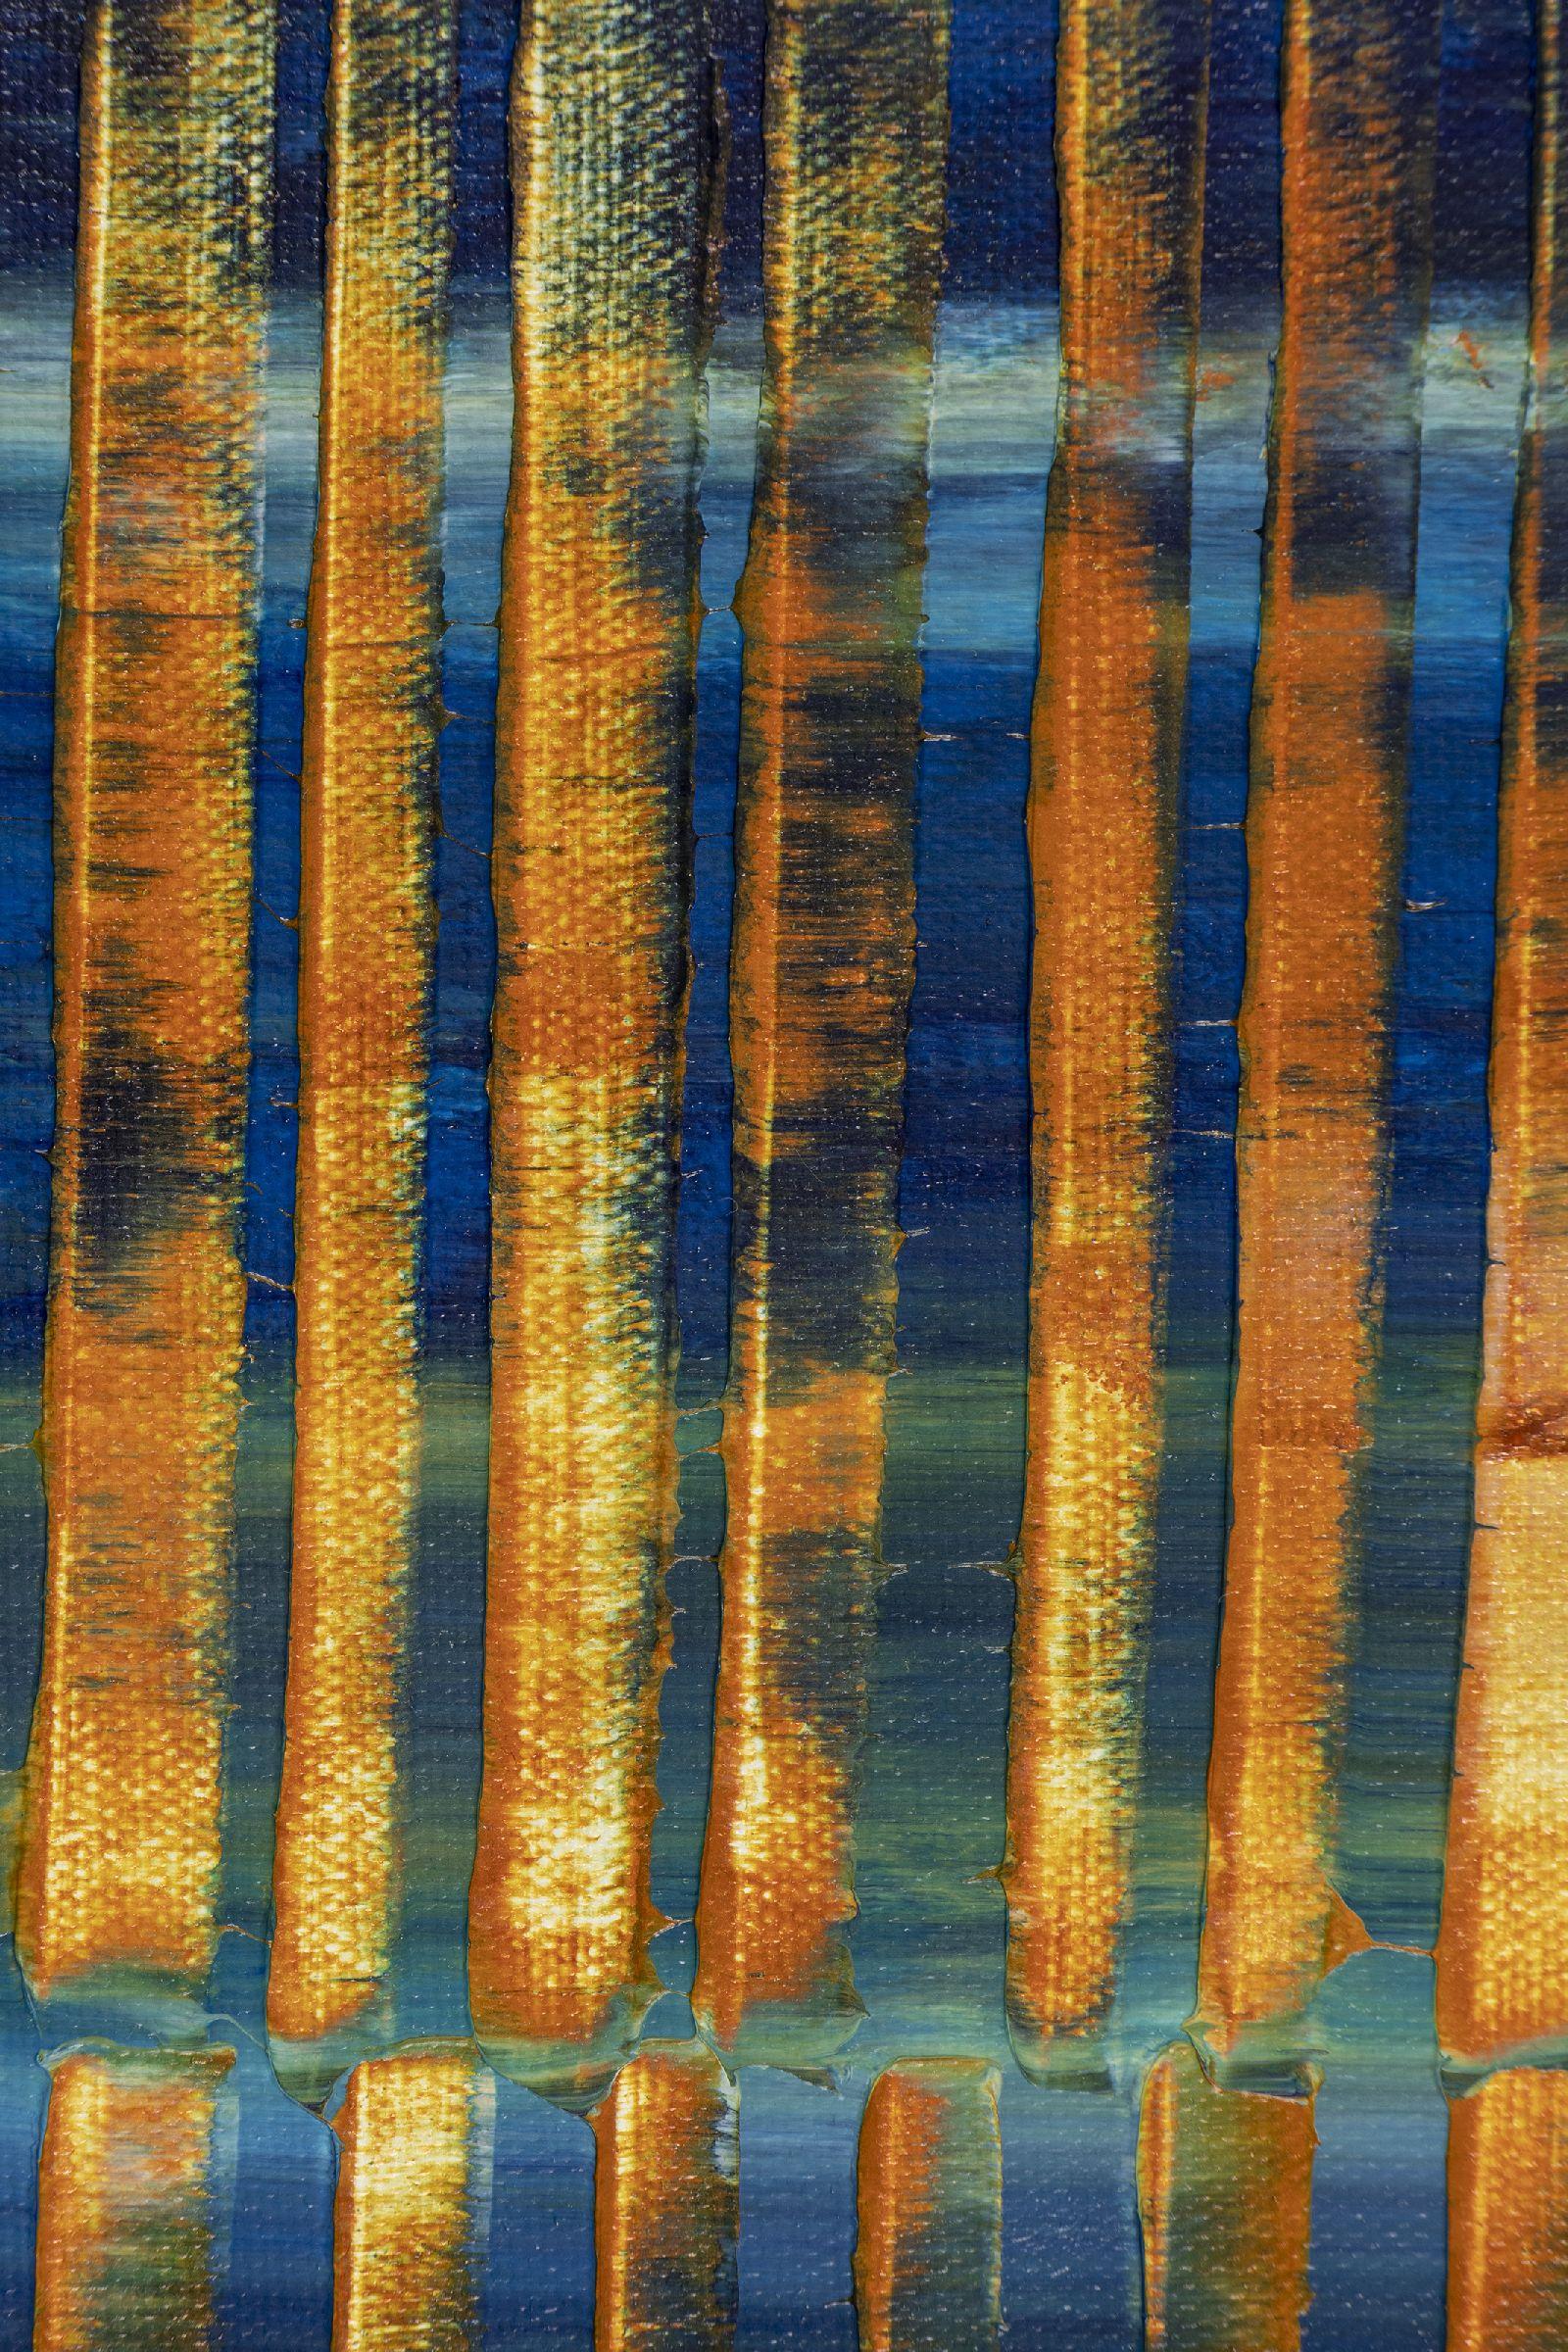 Orange Panorama (Blue Reflections) 2 (2020) by Nestor Toro